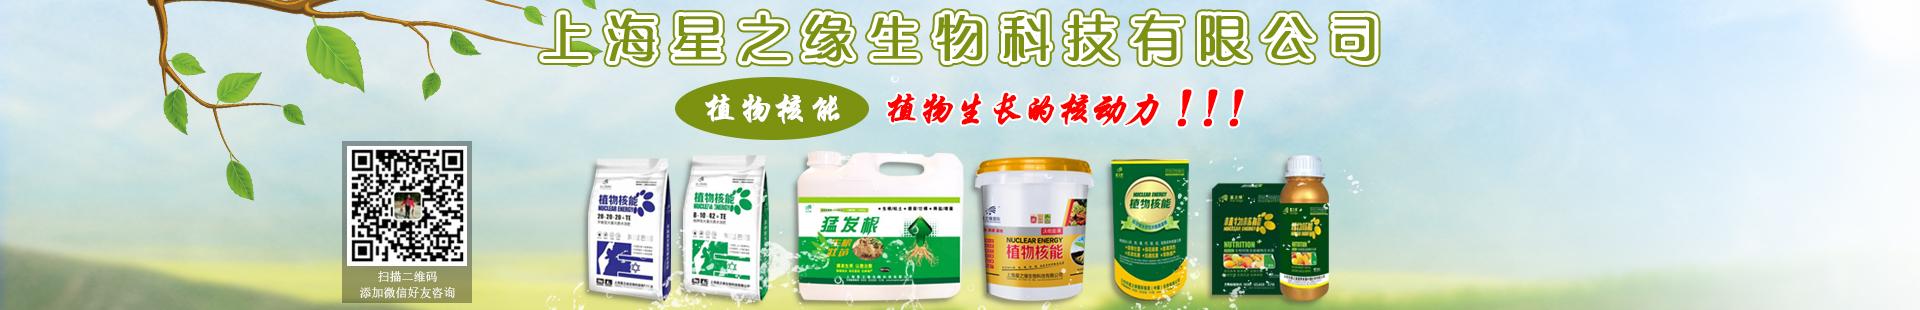 上海星之�生物科技有限公司